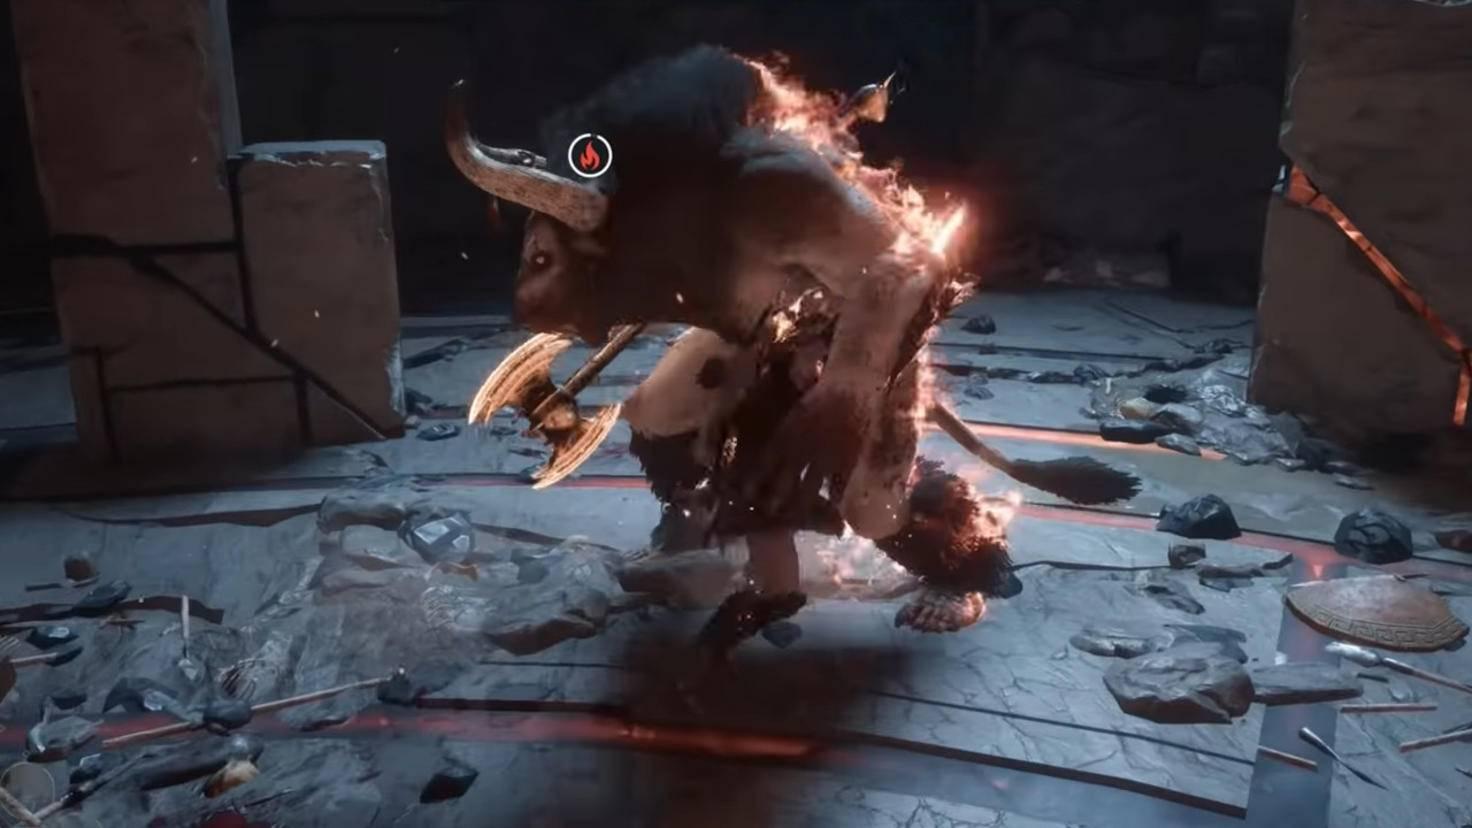 Feuerschaden ist effektiv gegen den Minotaurus.